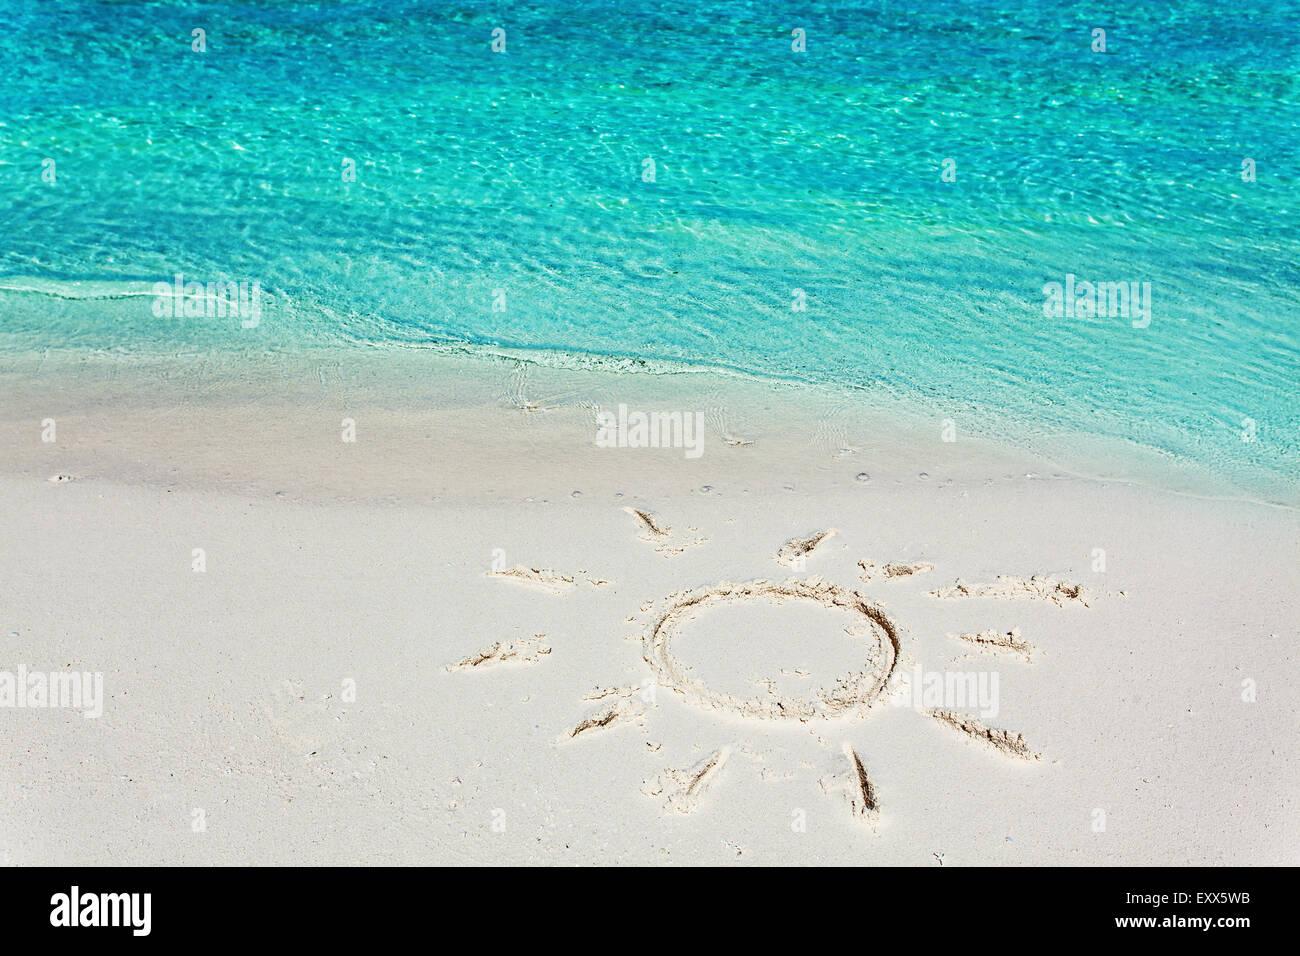 Una immagine di un sole nella sabbia sulla spiaggia tropicale Immagini Stock